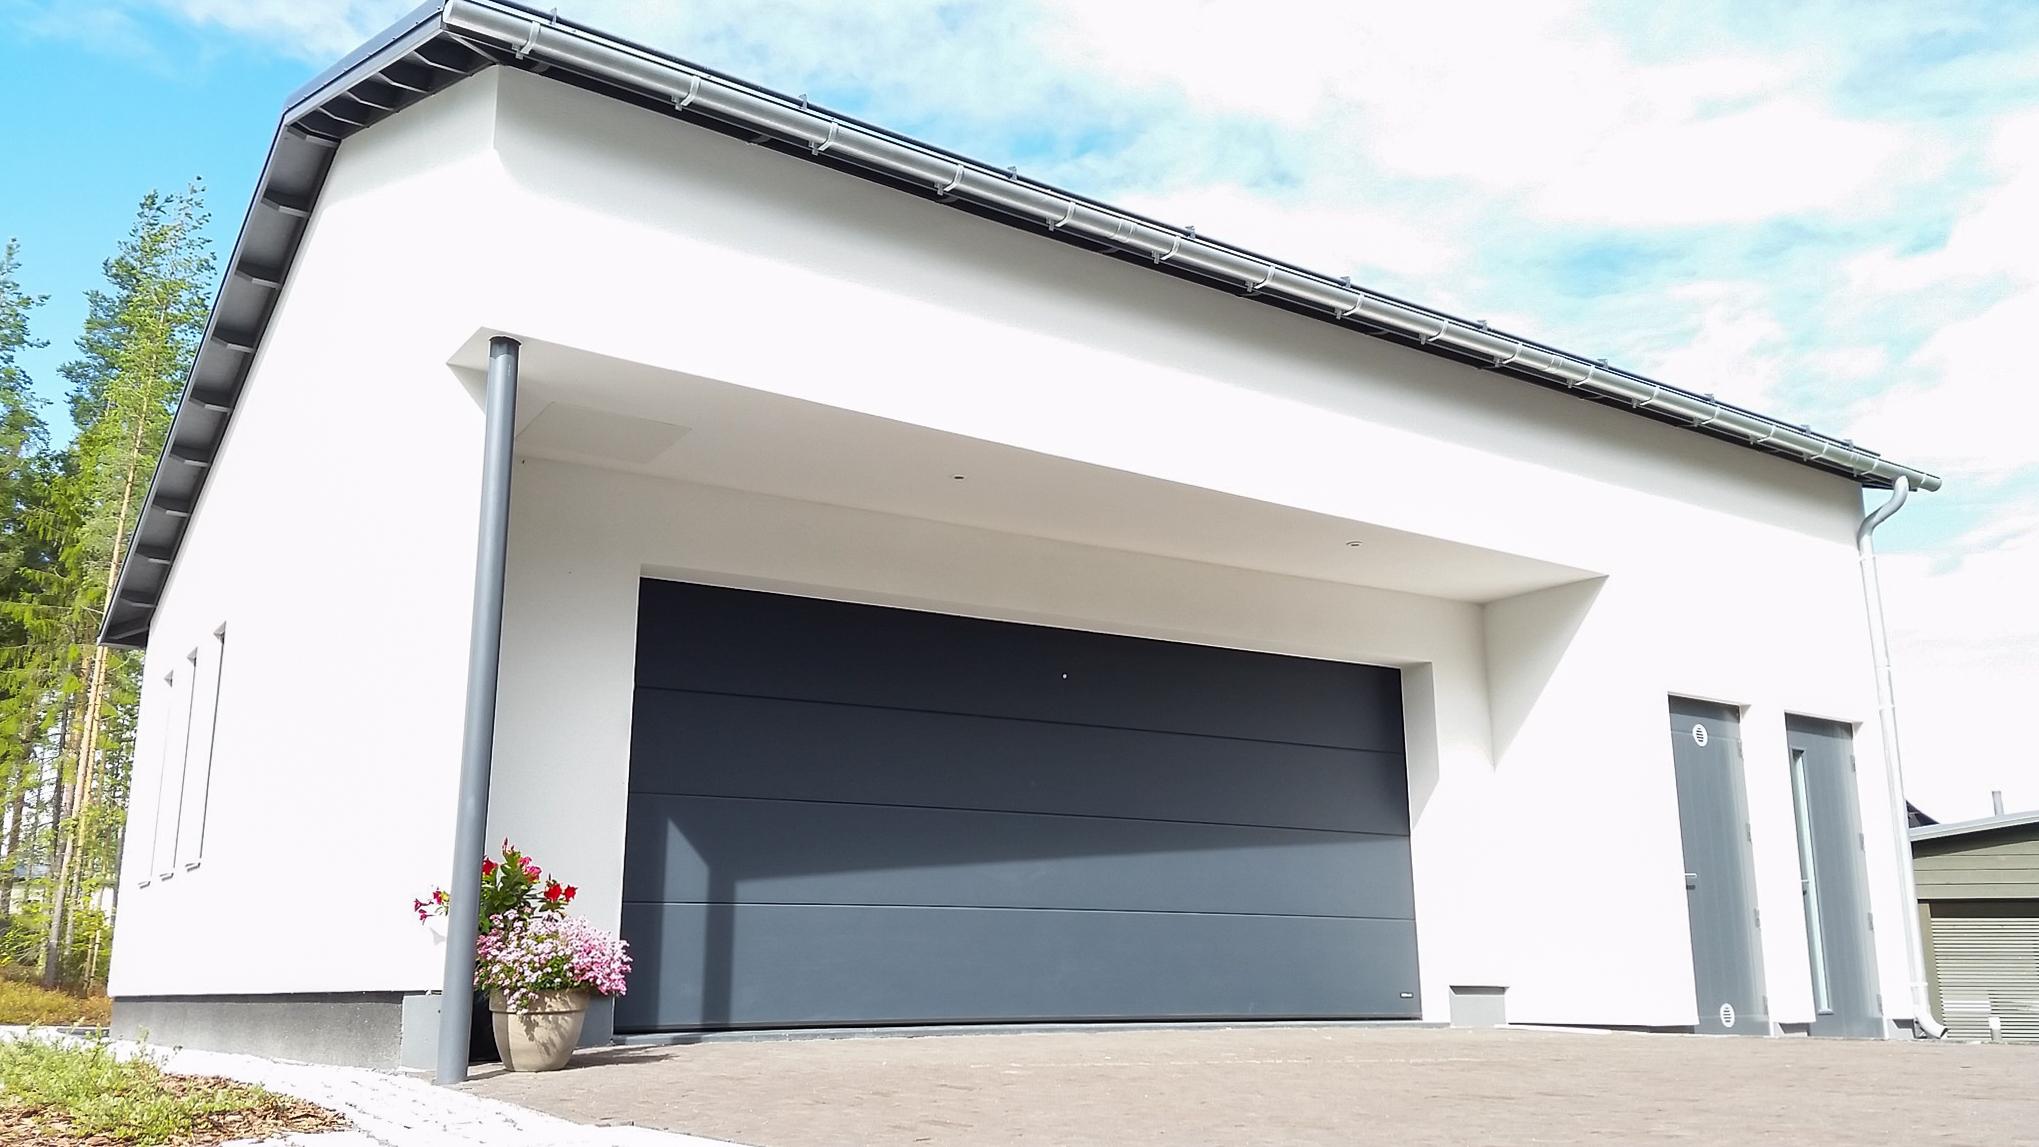 Doorway nosto-ovi DW3 -sileä tumman harmaa lamelli RAL 7016. Moderni autotallin nosto-ovi.